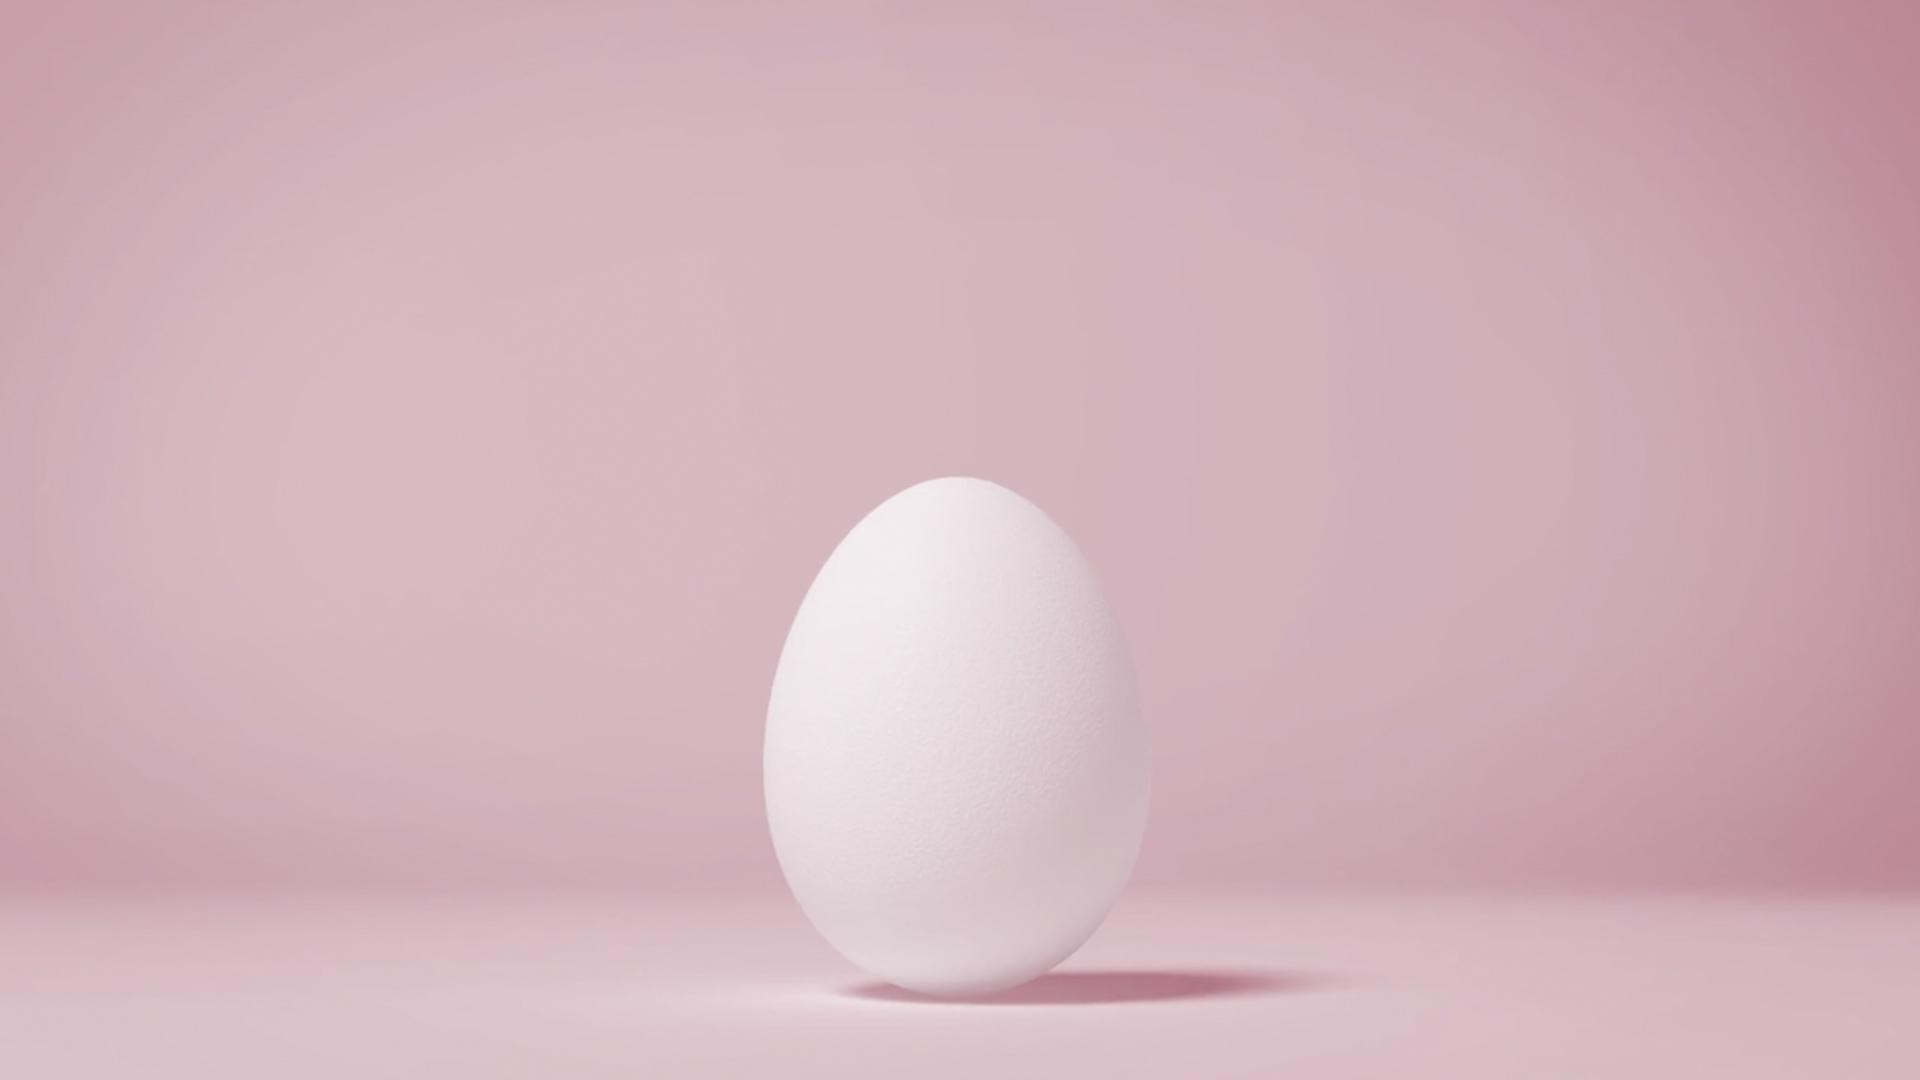 Gremio de Carniceros y Charcuteros - Butifarra de huevo -